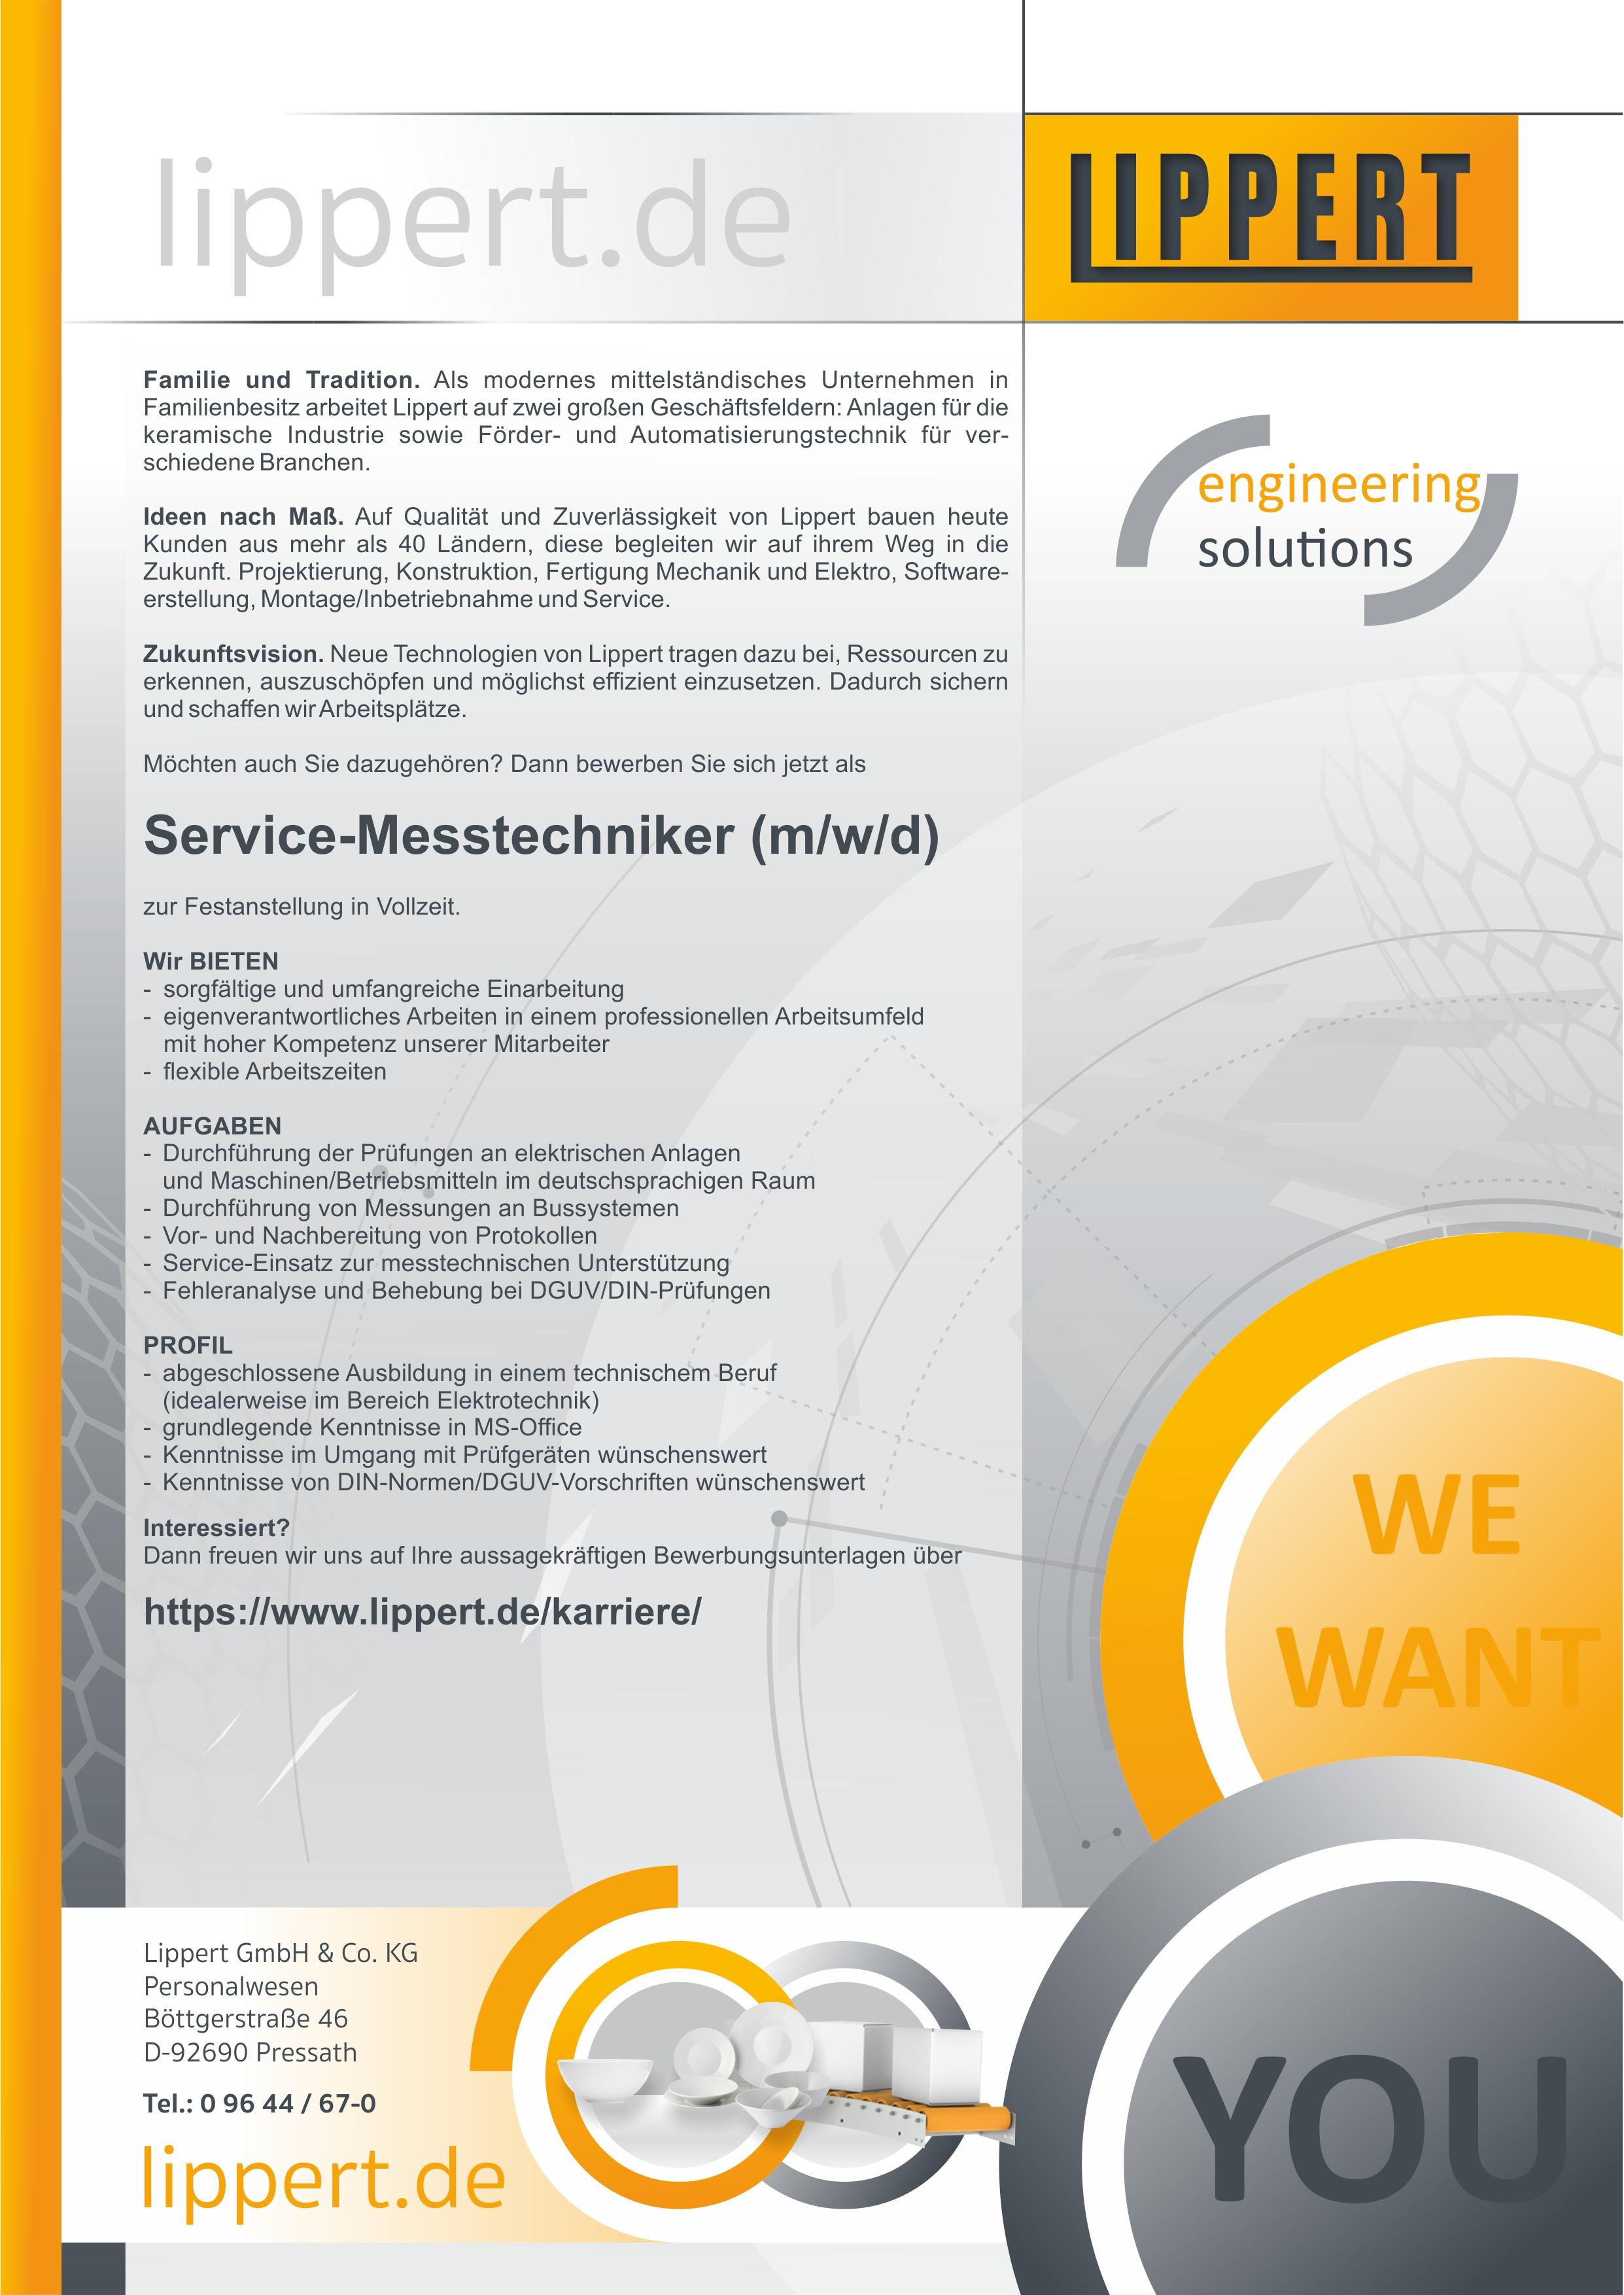 Service-Messtechniker (m/w/d)